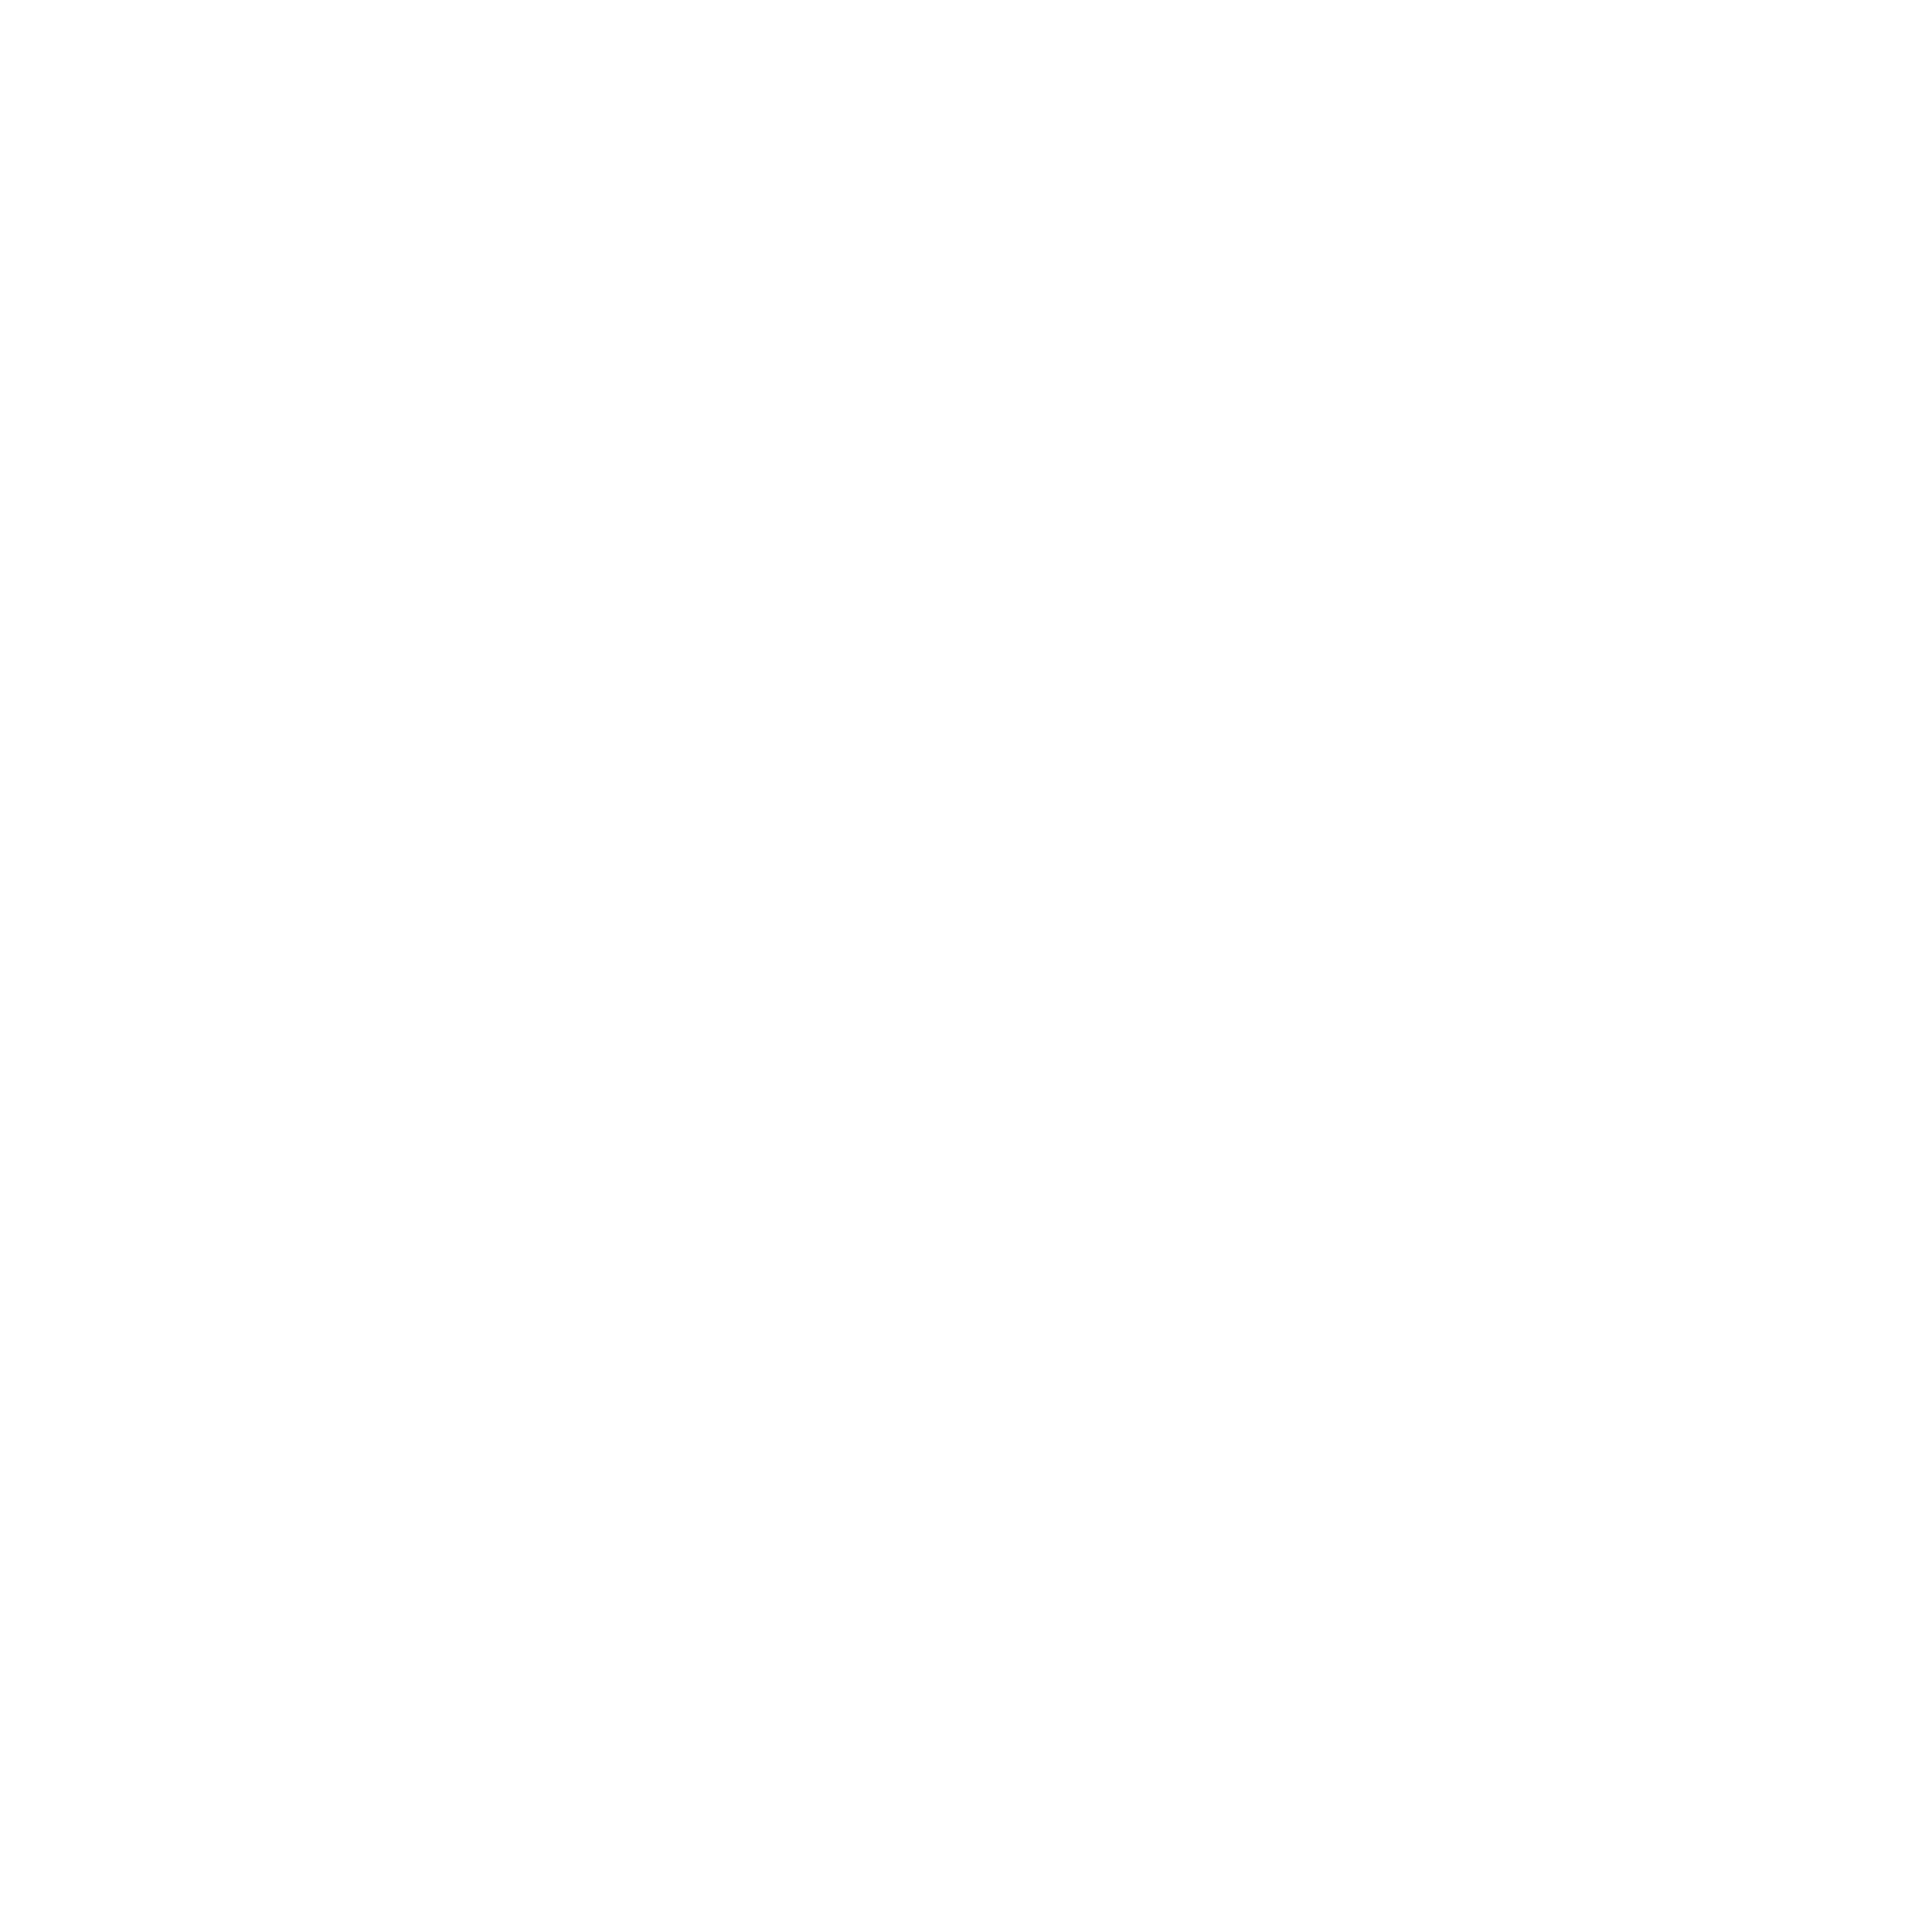 f_logo_RGB-White_1024